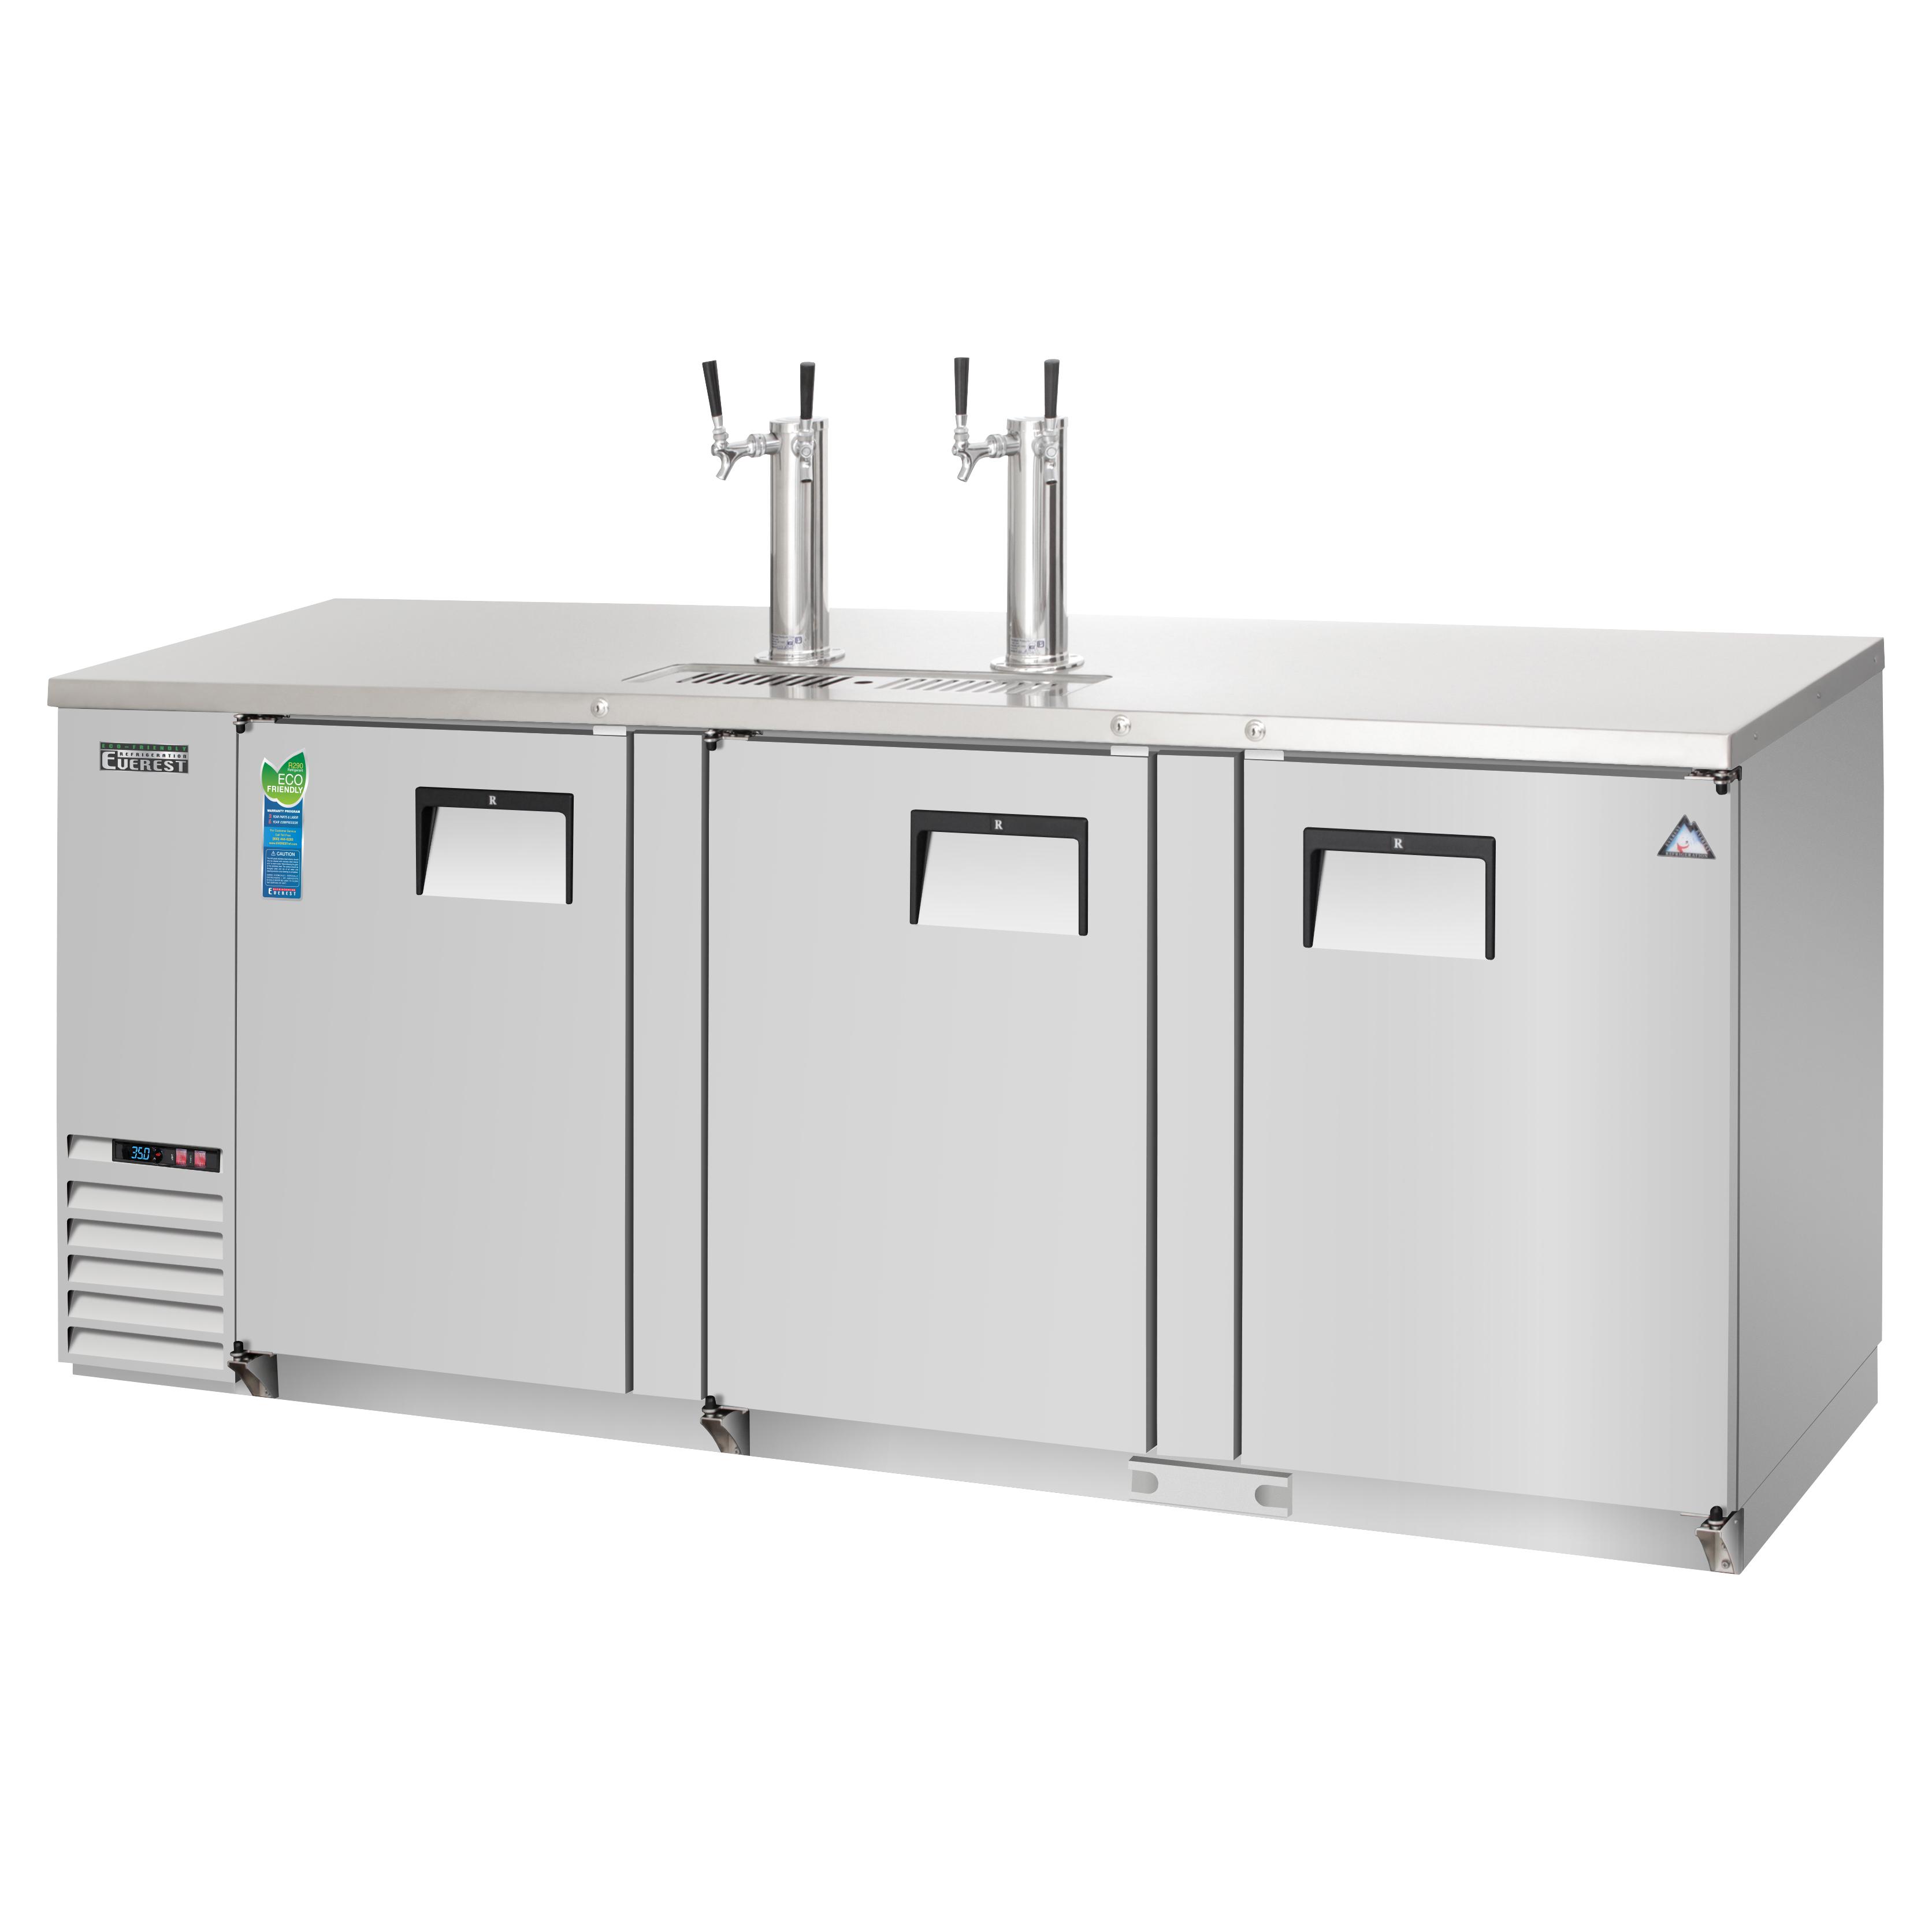 Everest Refrigeration EBD4-SS draft beer cooler